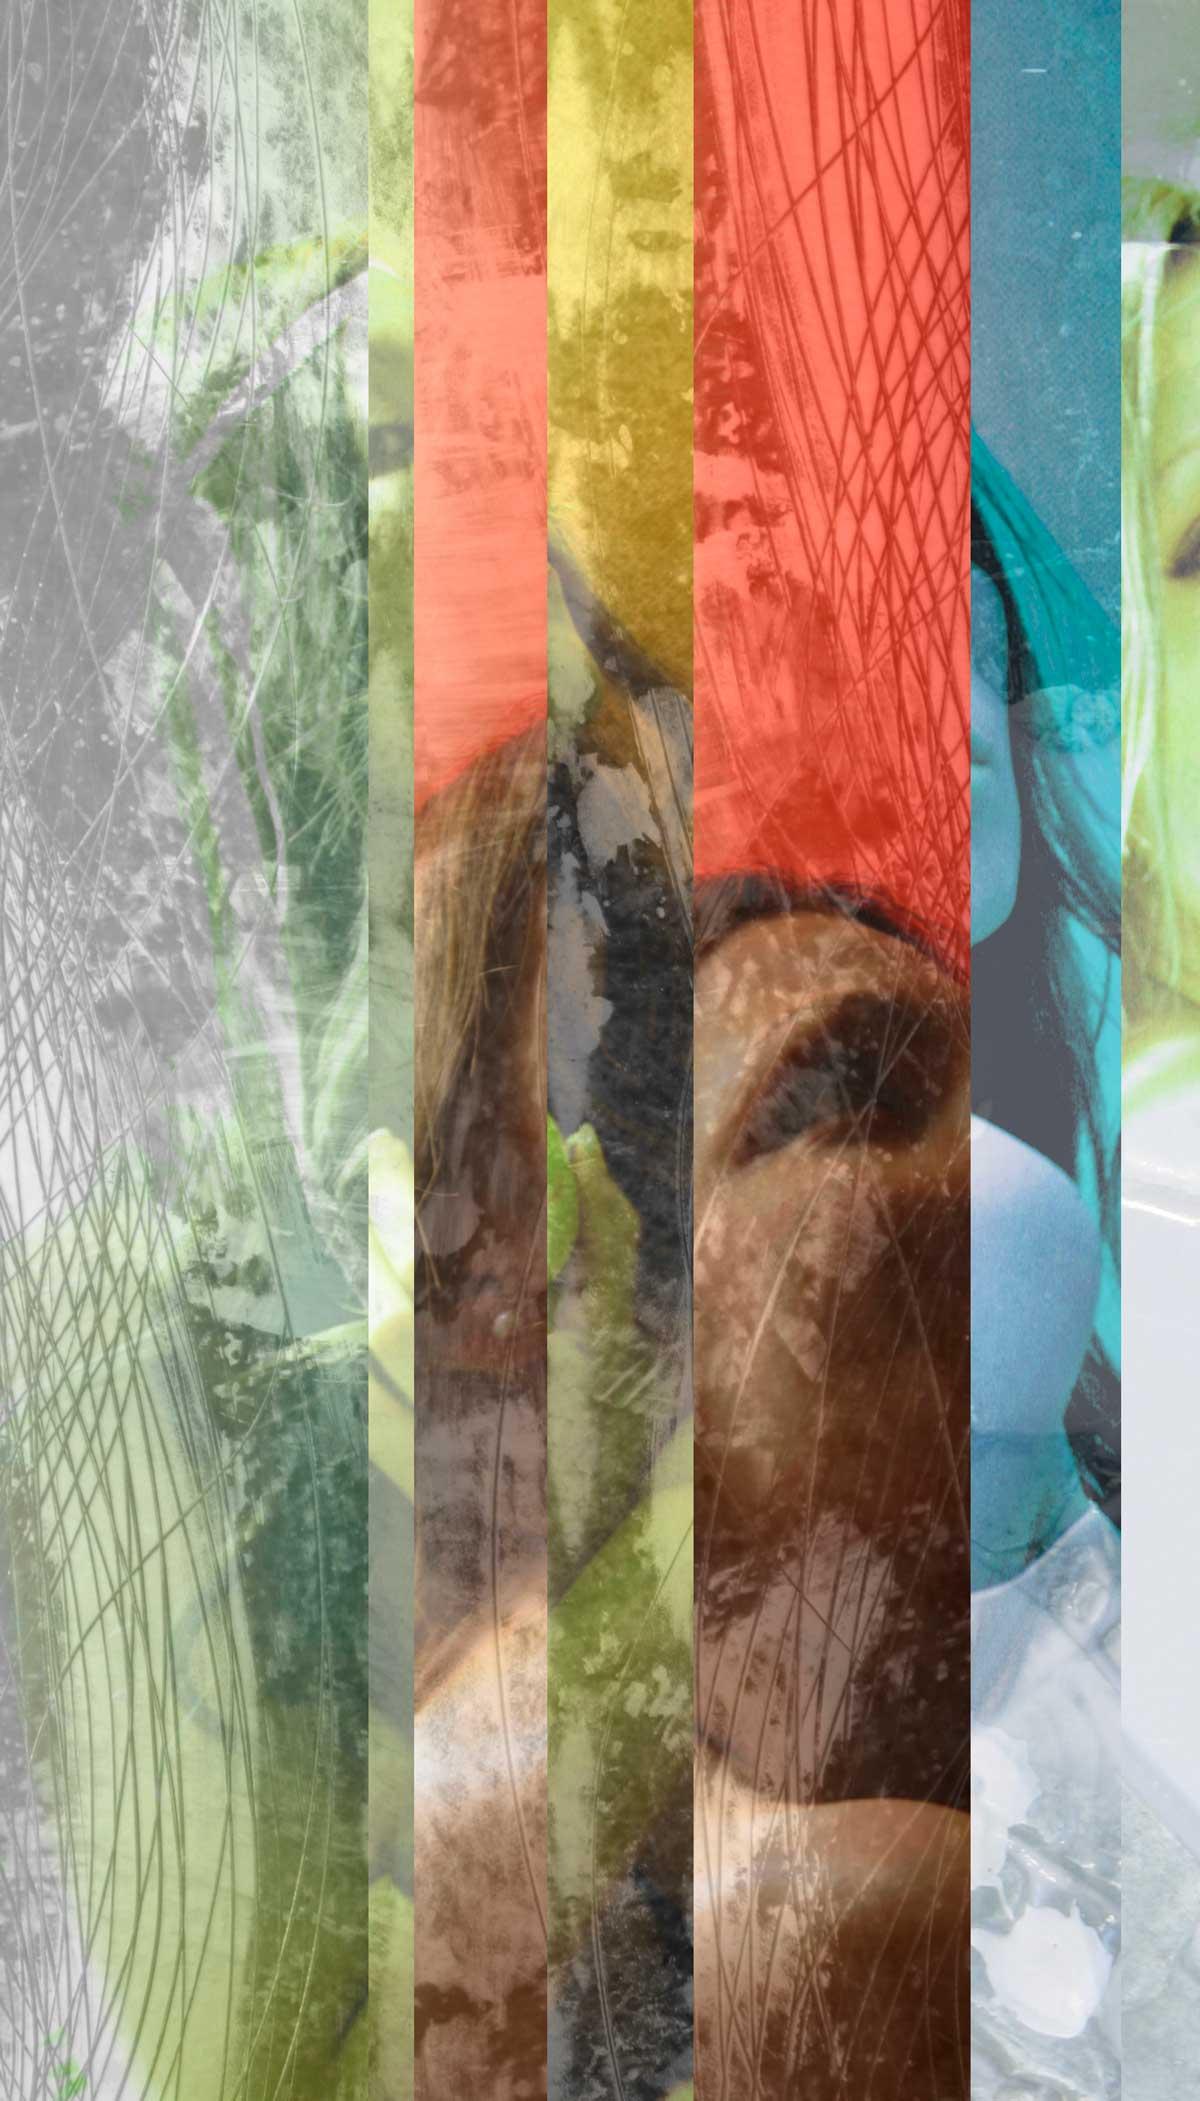 2013-multiverso-grafica-digital-1-hector-puertolas